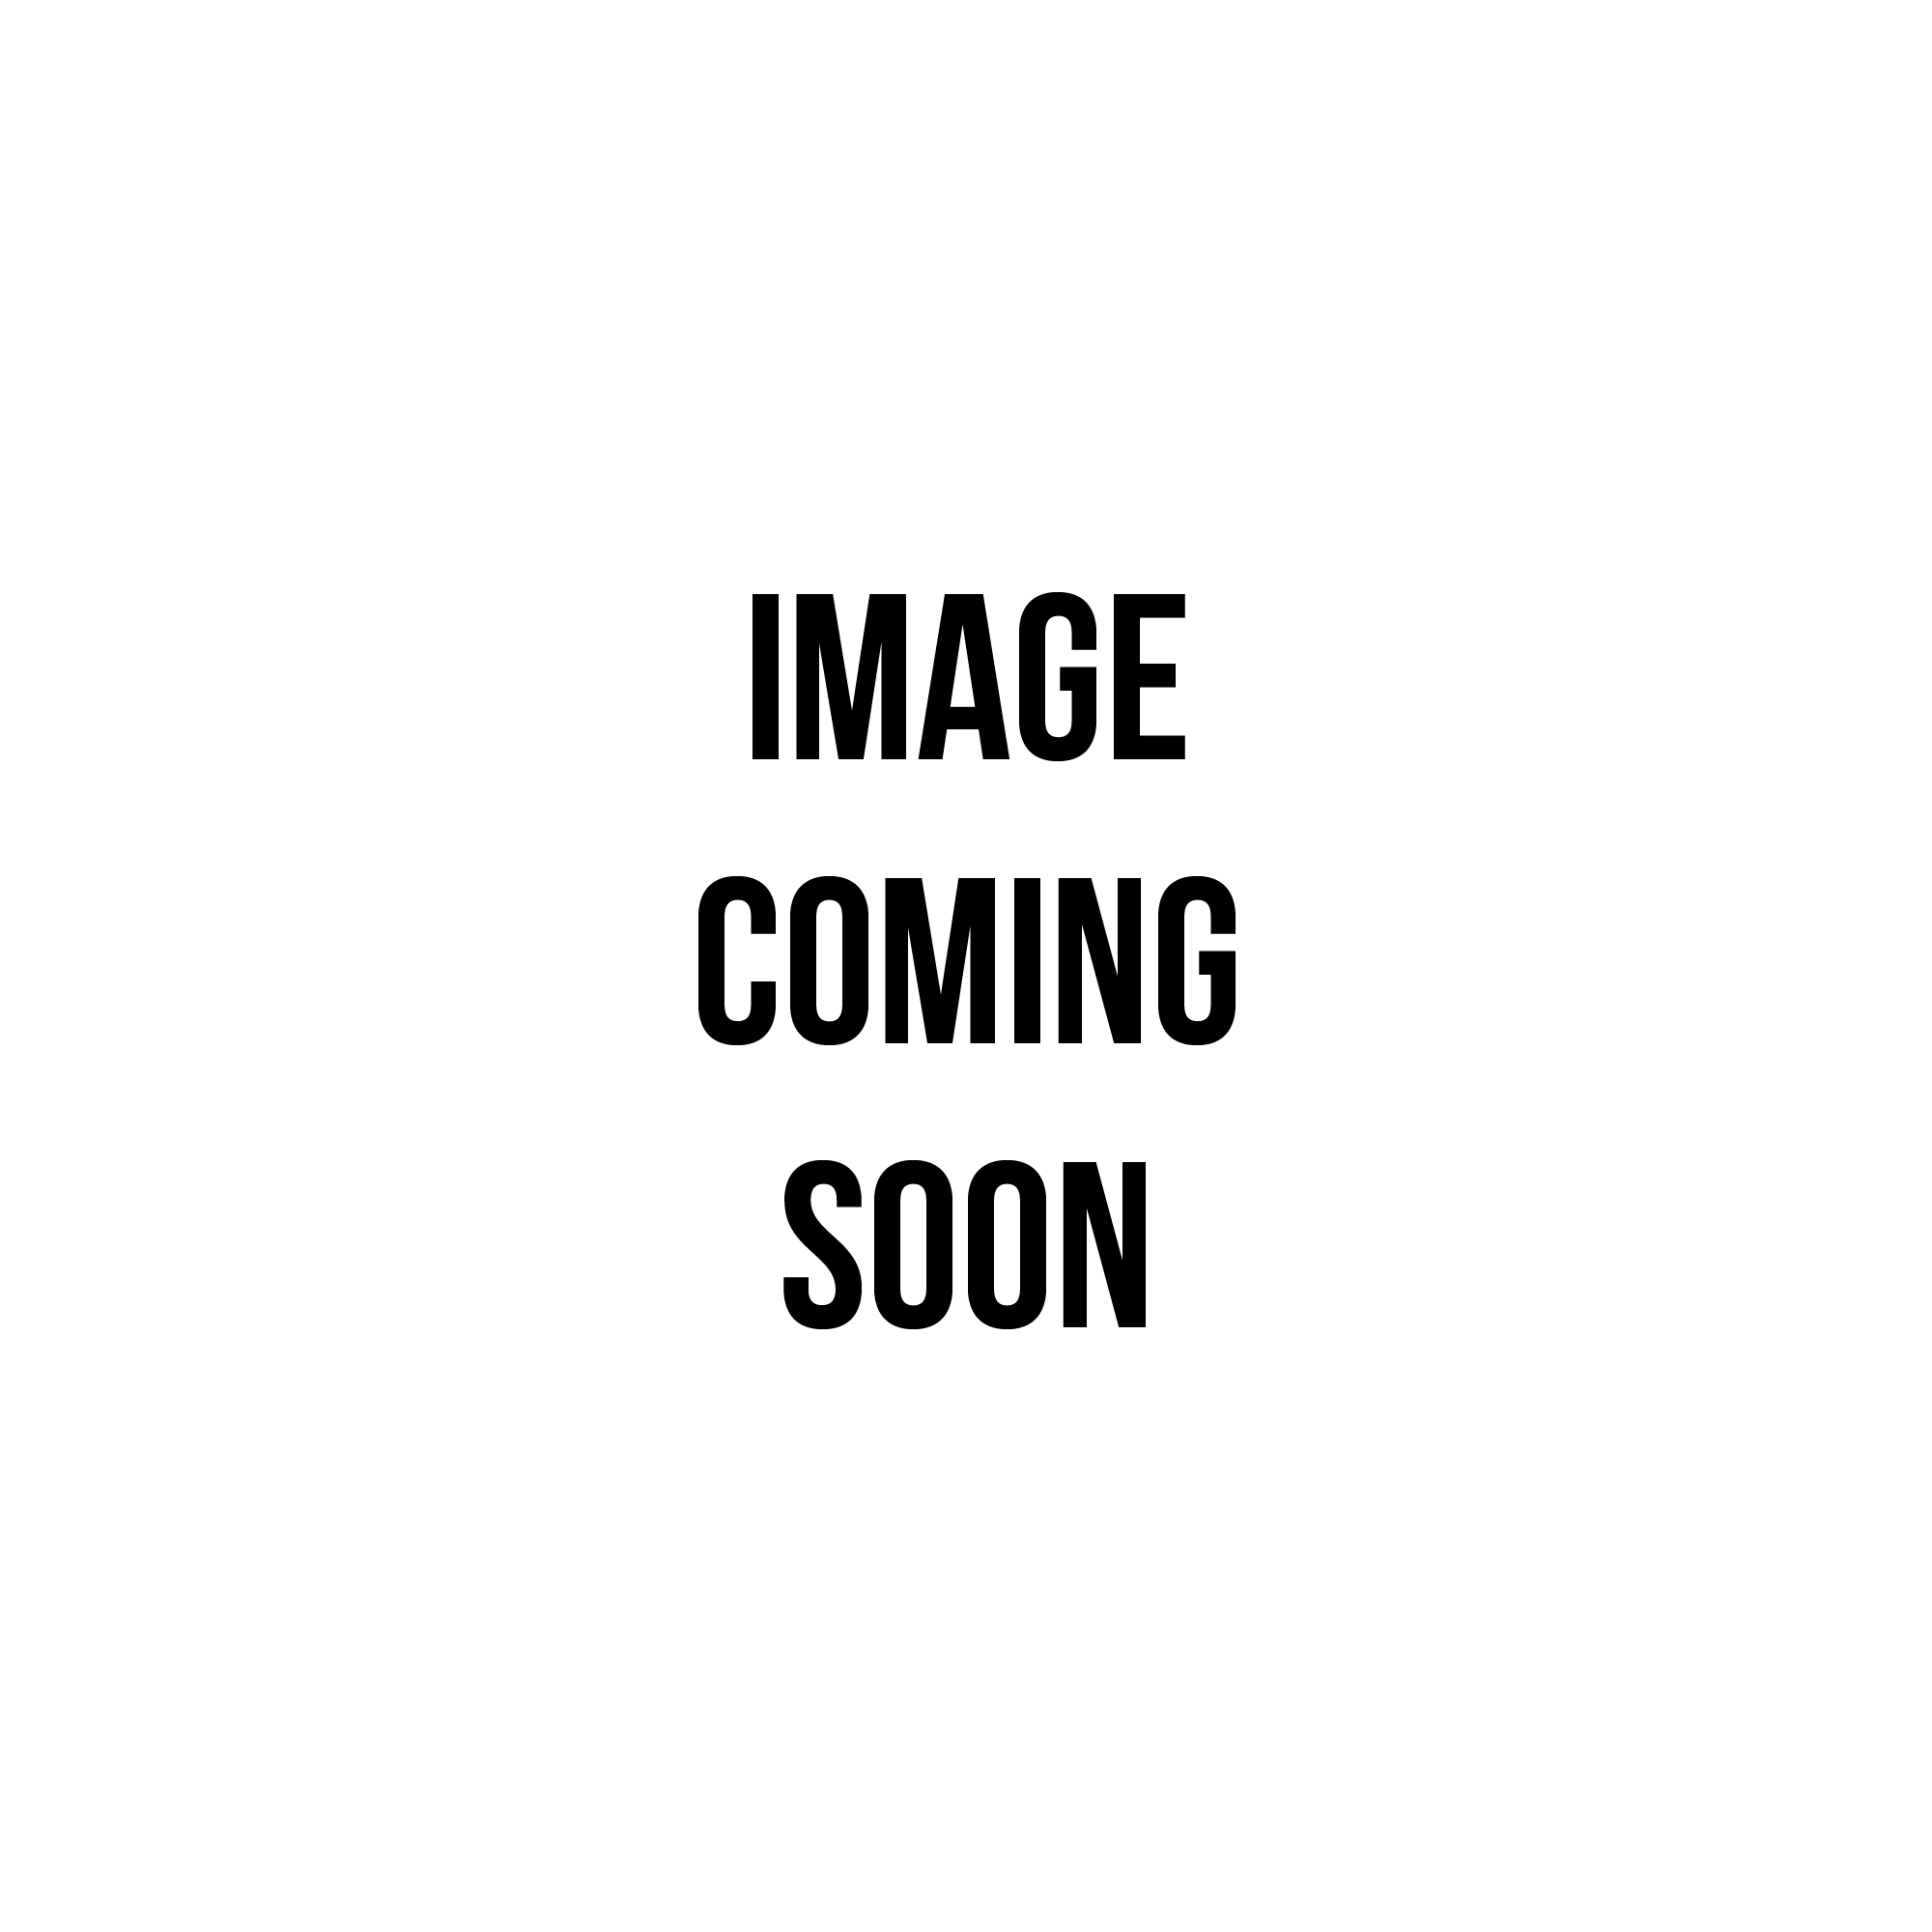 Magasin d'alimentation réductions de sortie Nike Air Max 90 Gris d'origine à vendre obtenir photos à vendre vm0x60pI